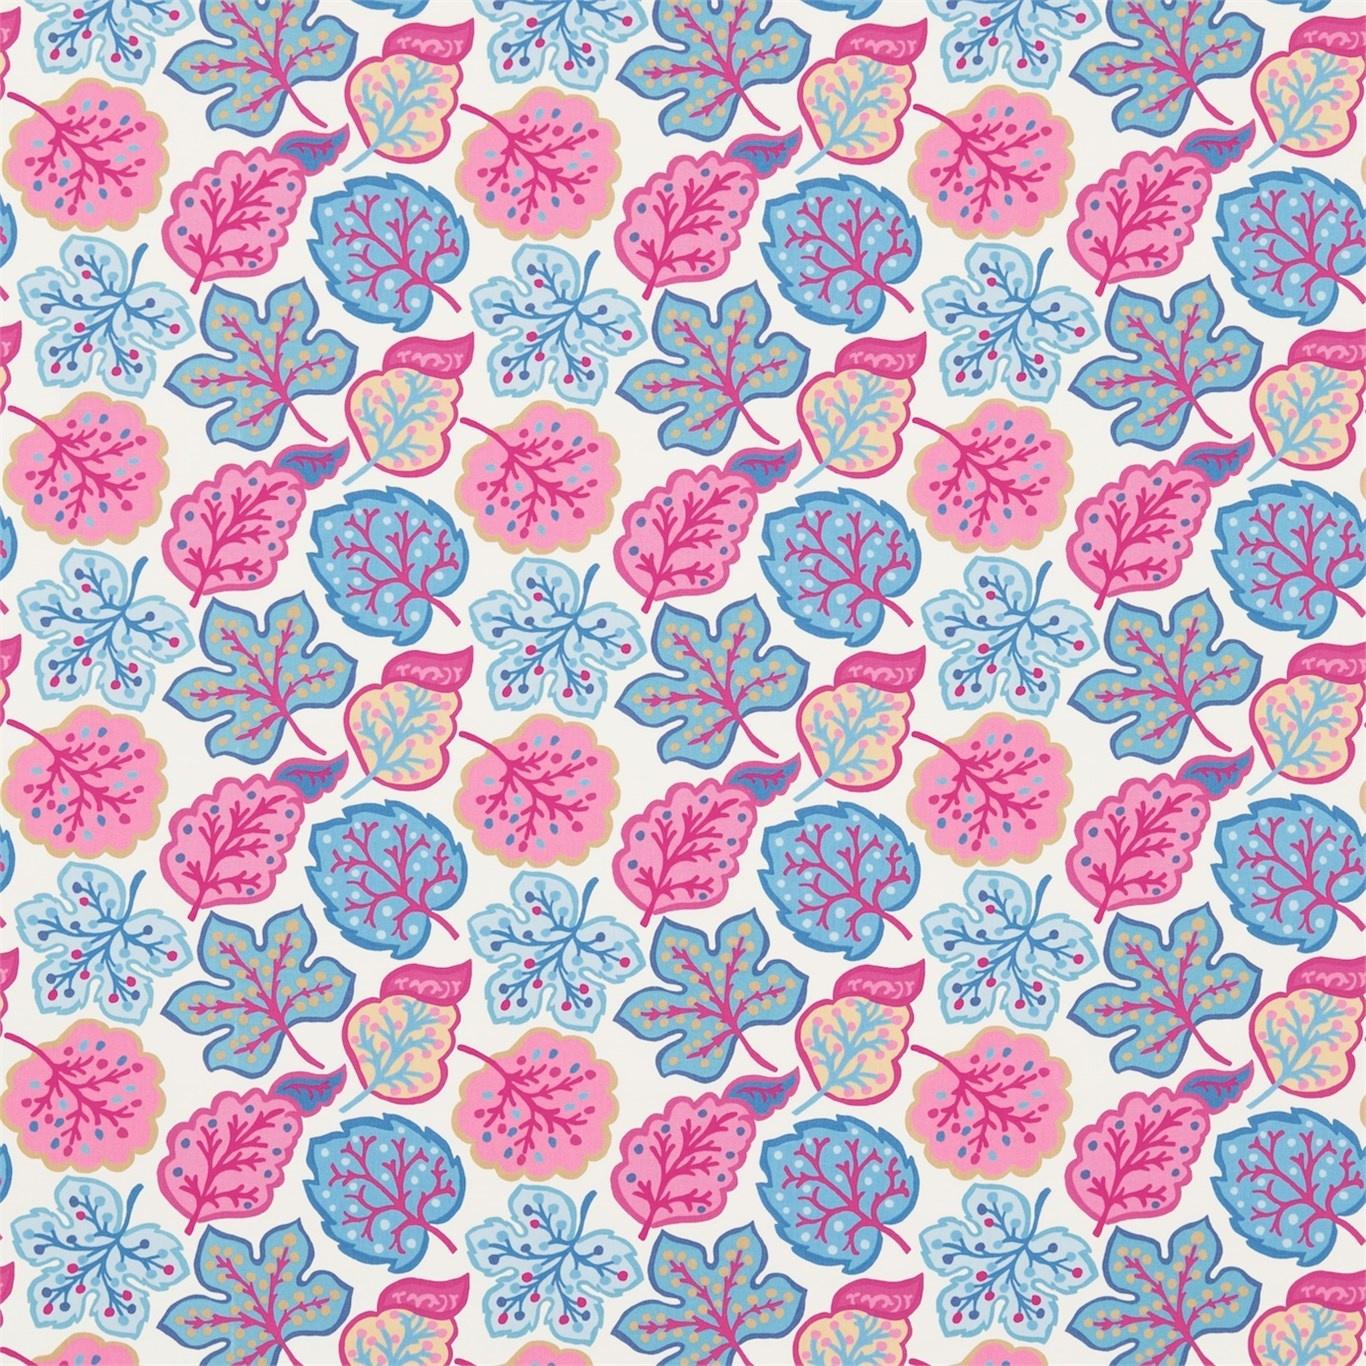 Image of Sanderson Jewel Leaves Raspberry/Blue Fabric 224623